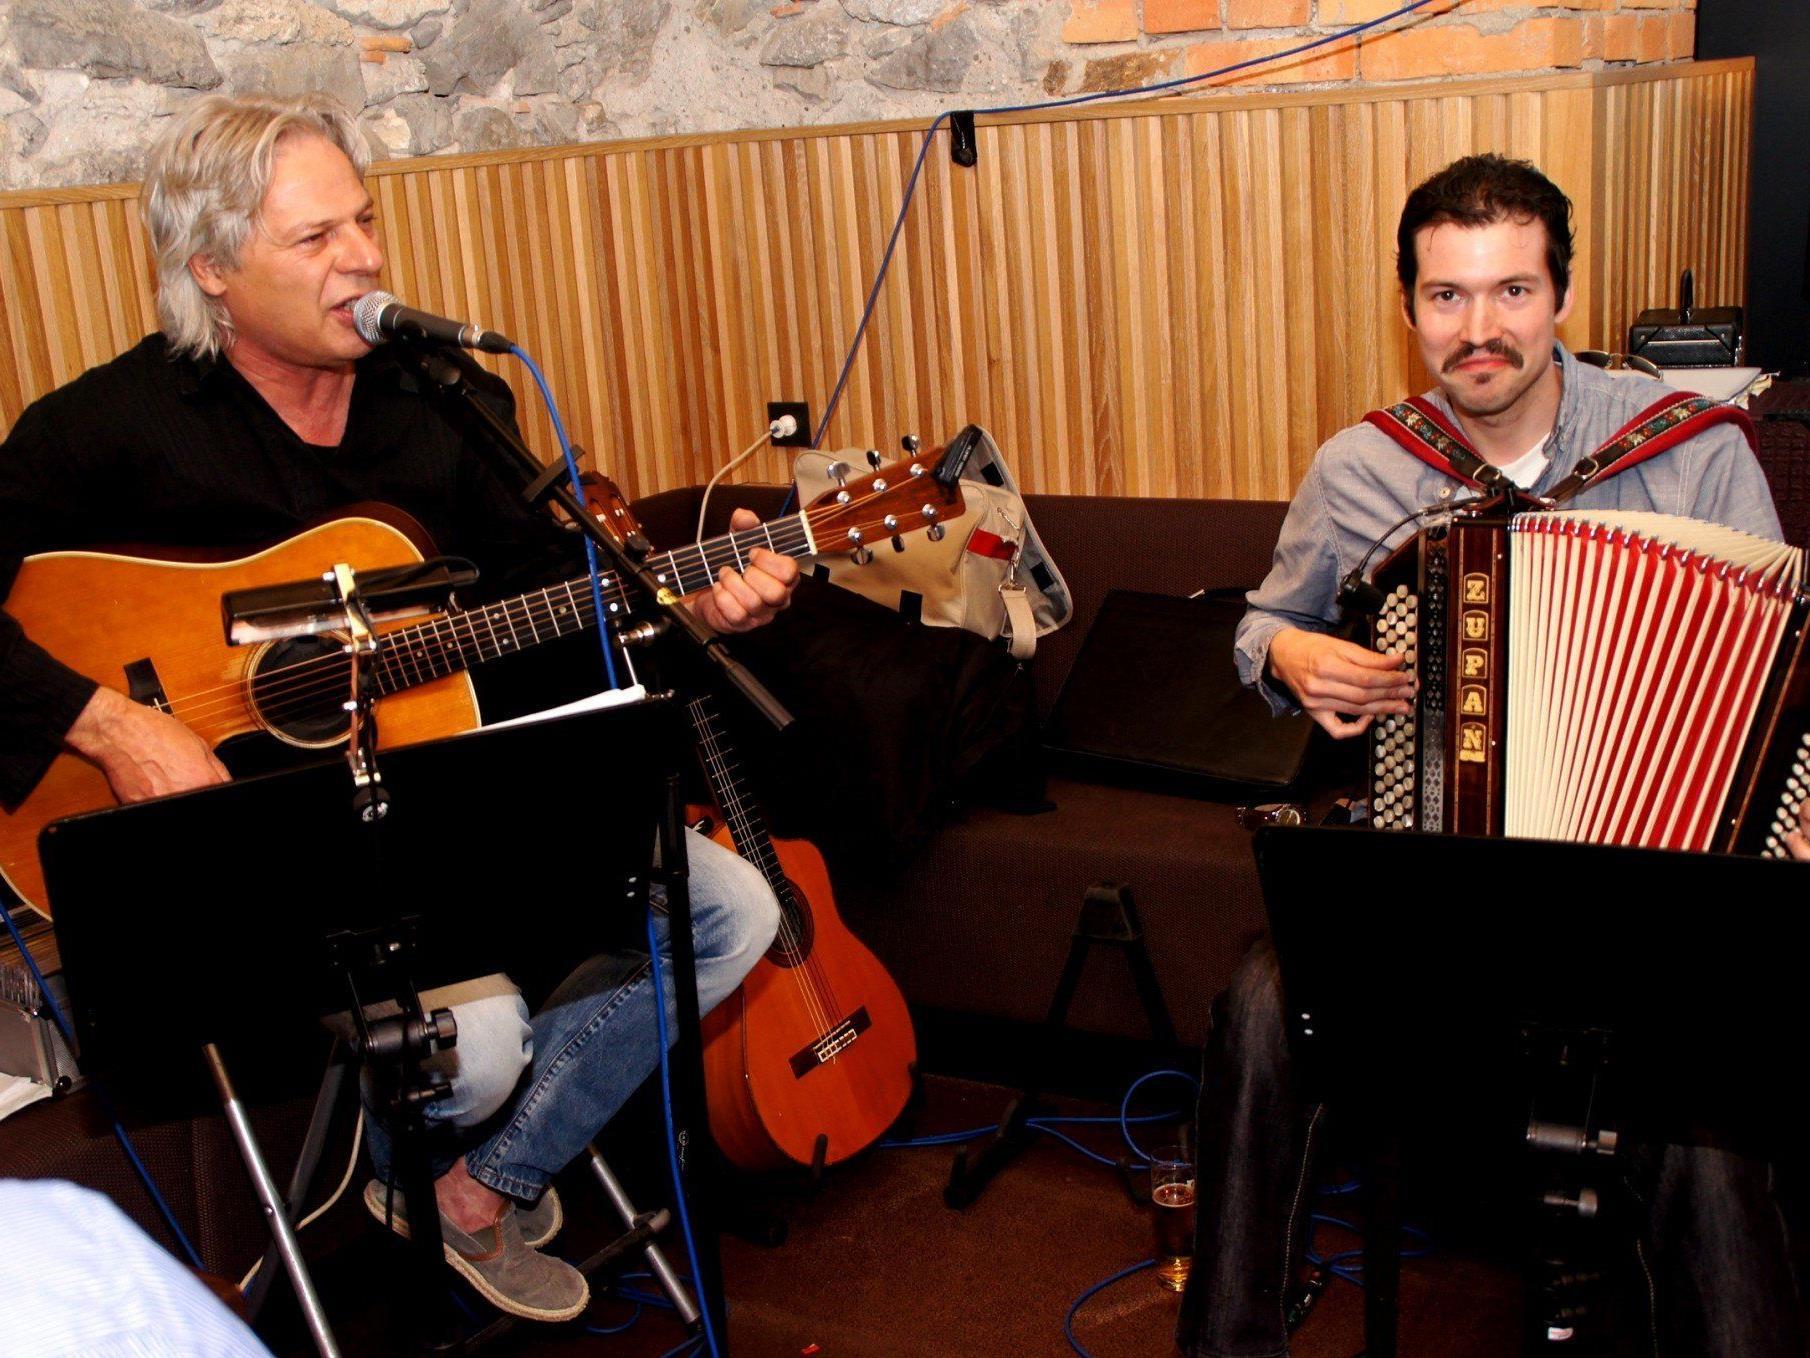 Wolfgang Verocai und Markus Dürst in voller Aktion